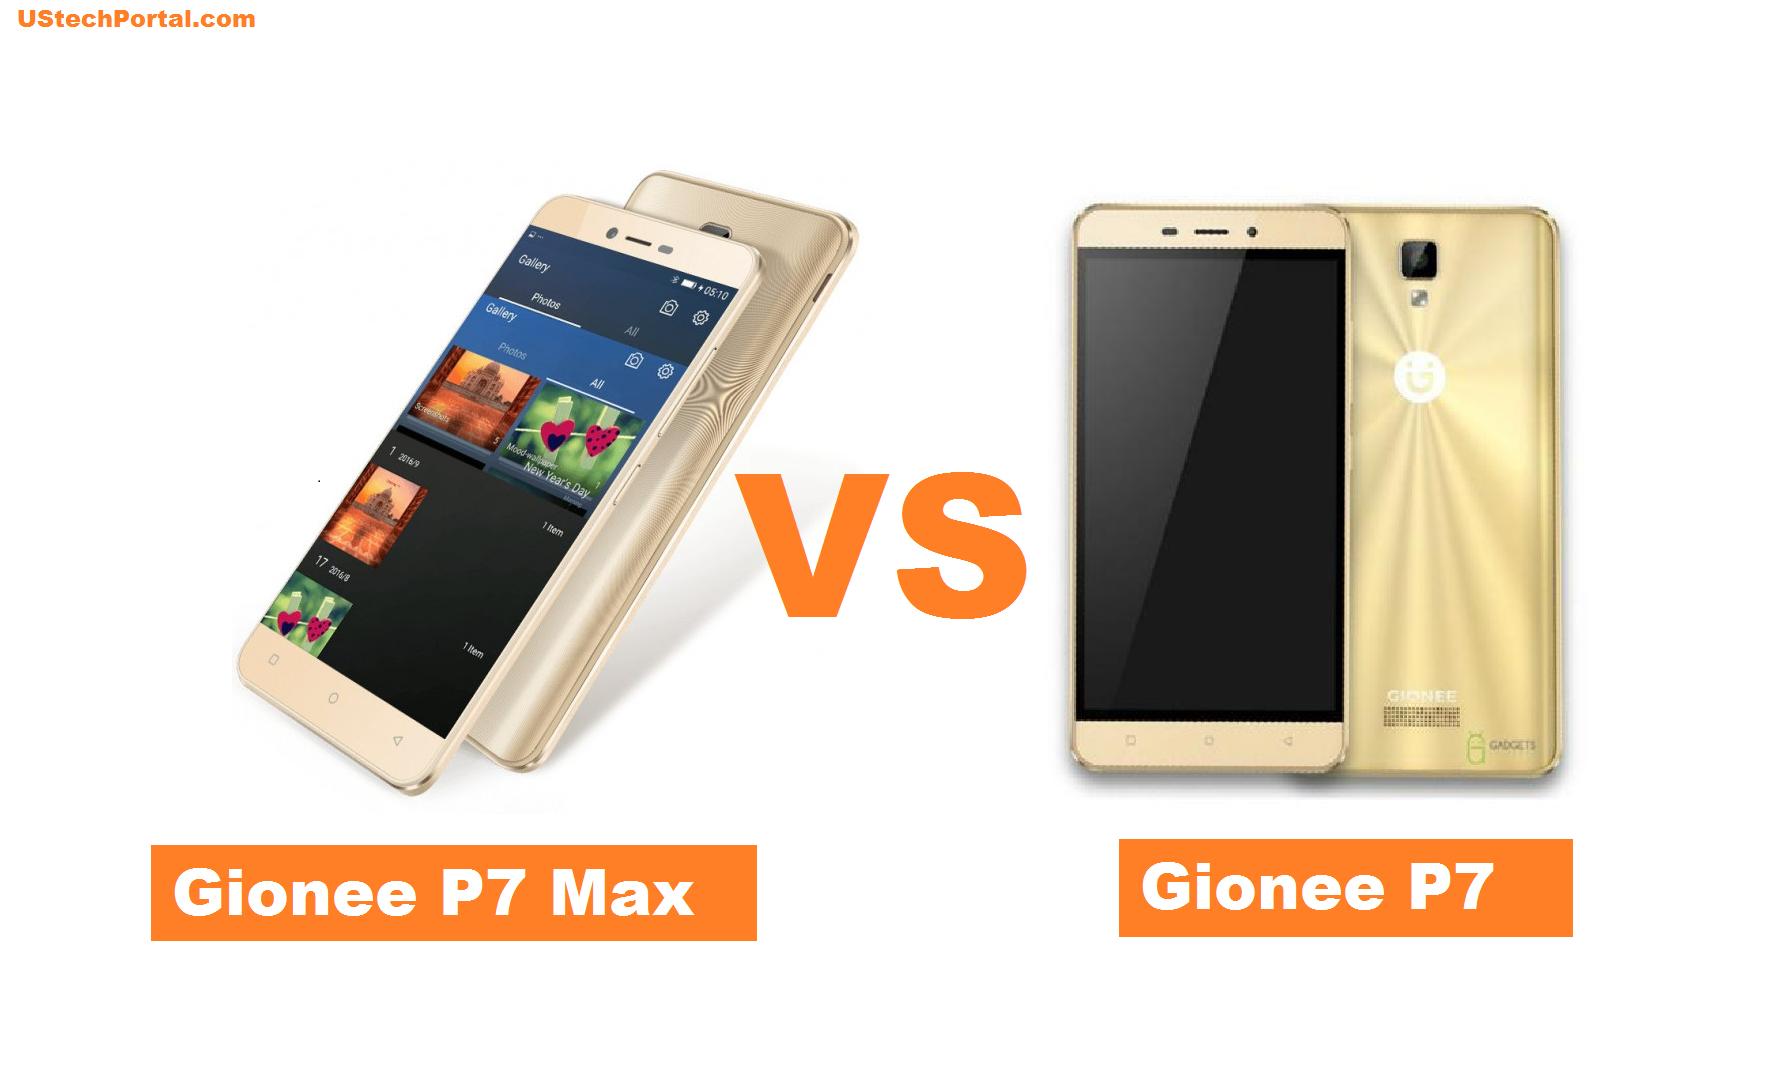 Gionee p7 max VS gionee p7